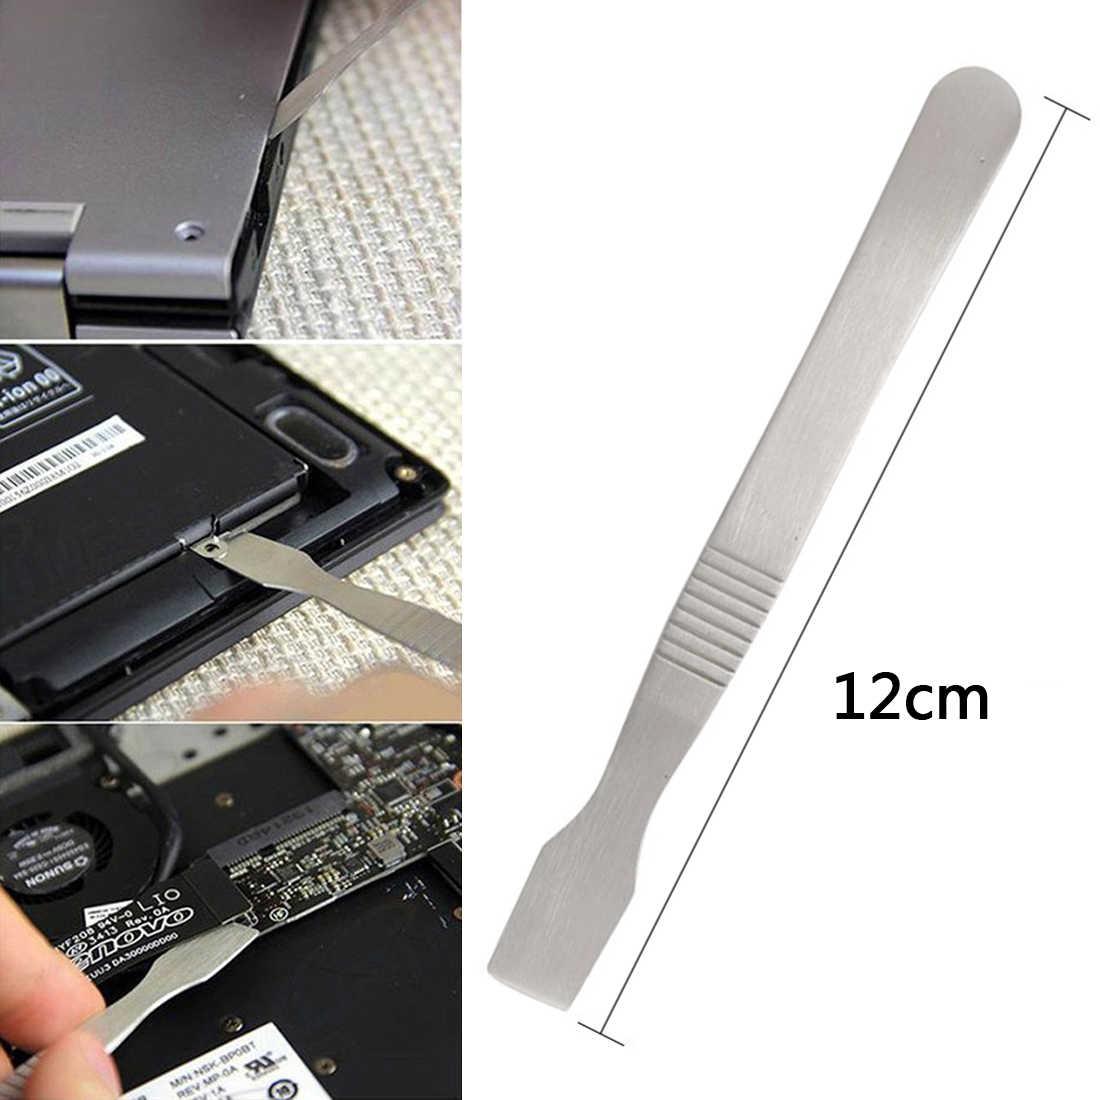 23 в 1 ремонтный инструмент для вскрытия набор комплект отвёрток Ремонт Инструменты Телефон Разберите Набор инструментов для iPhone iPad сотовый телефон Tablet htc